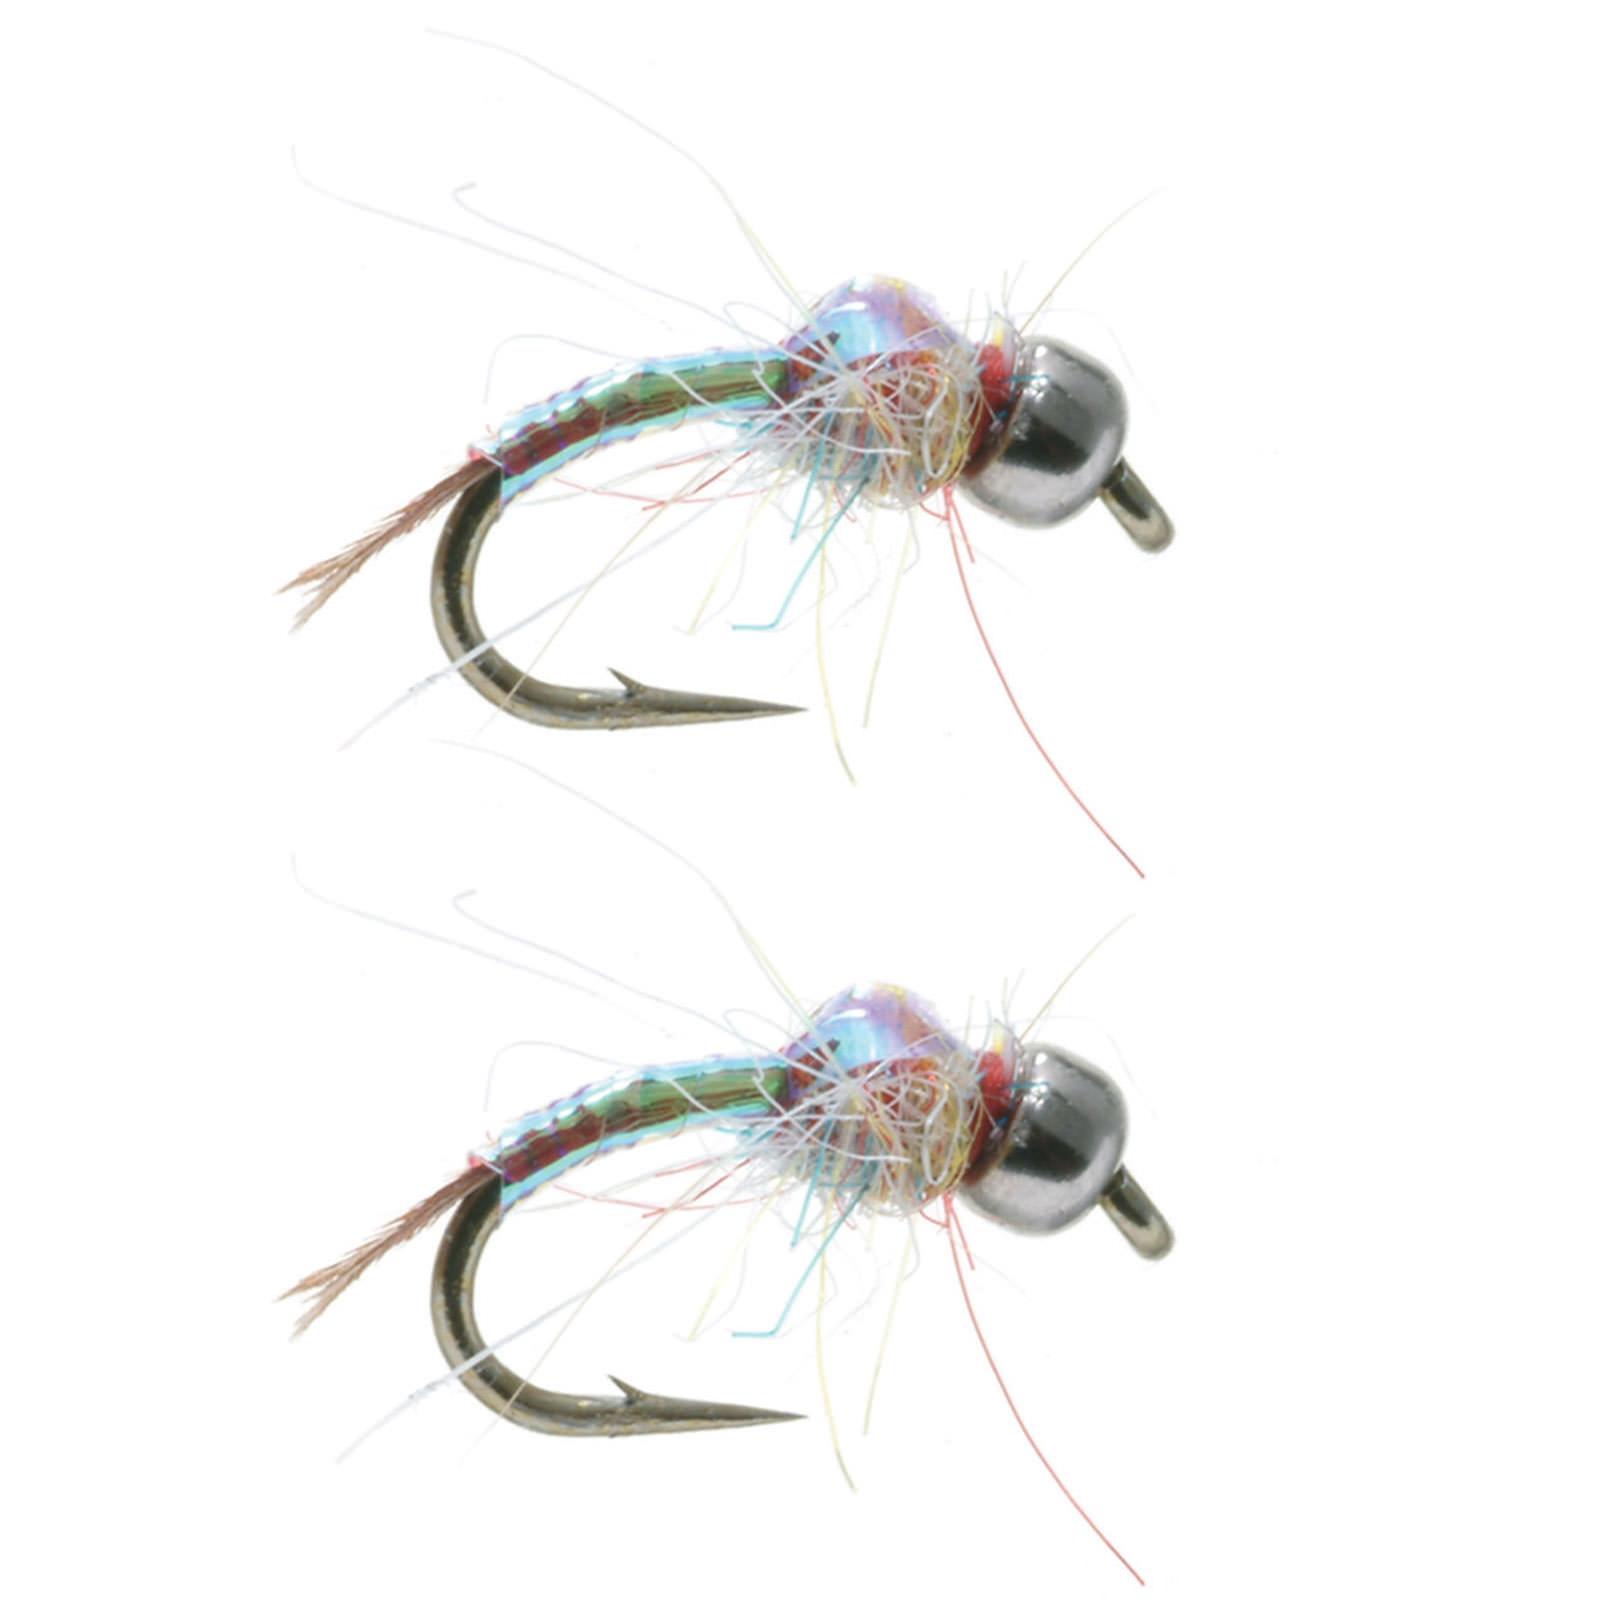 Rainbow Warrior Midge: Umpqua Rainbow Warrior Silver Bead Head Fly Fishing